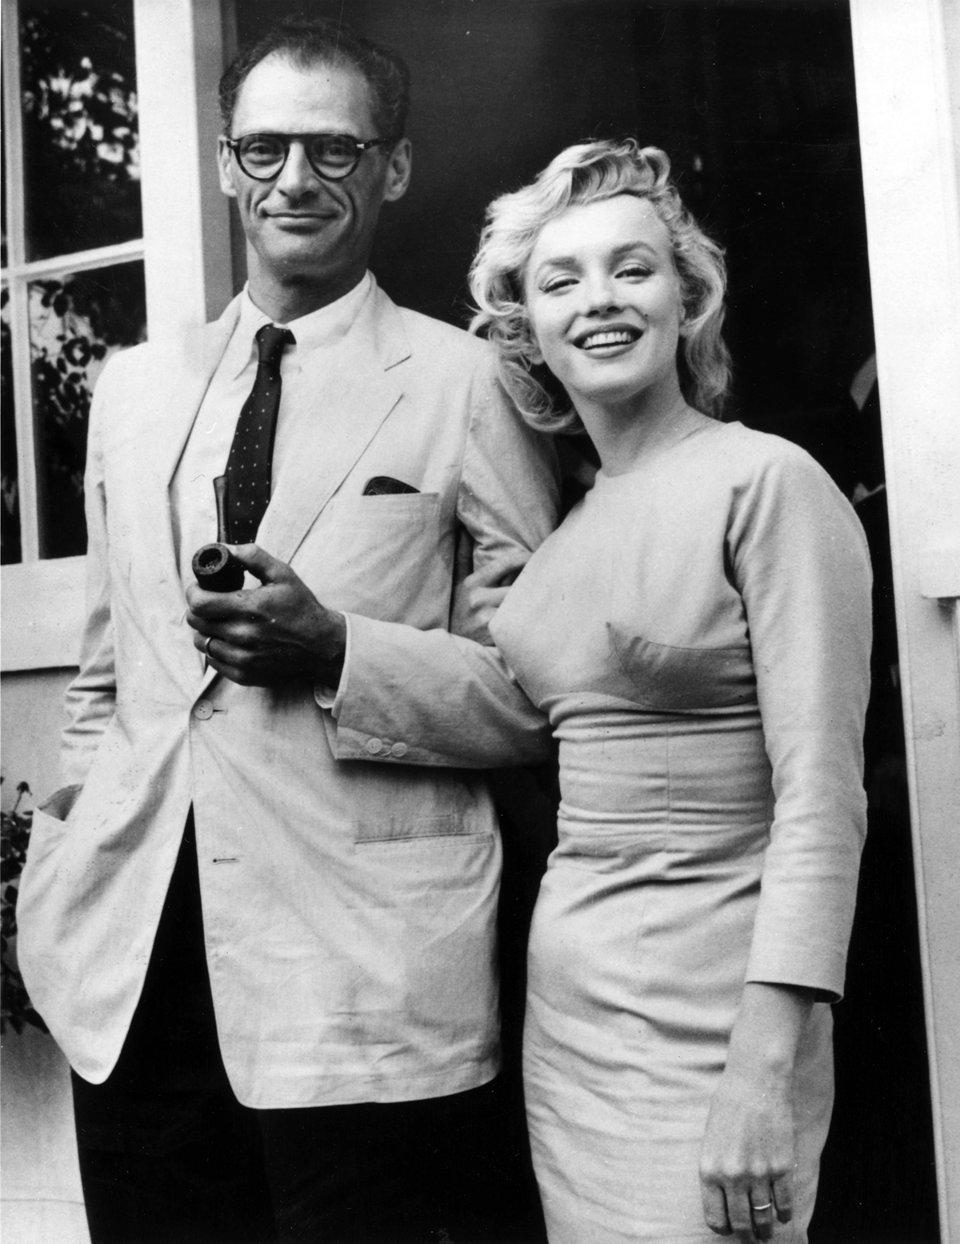 Монро і її третій чоловік, драматург Артур Міллер,1956 рік / Getty Images